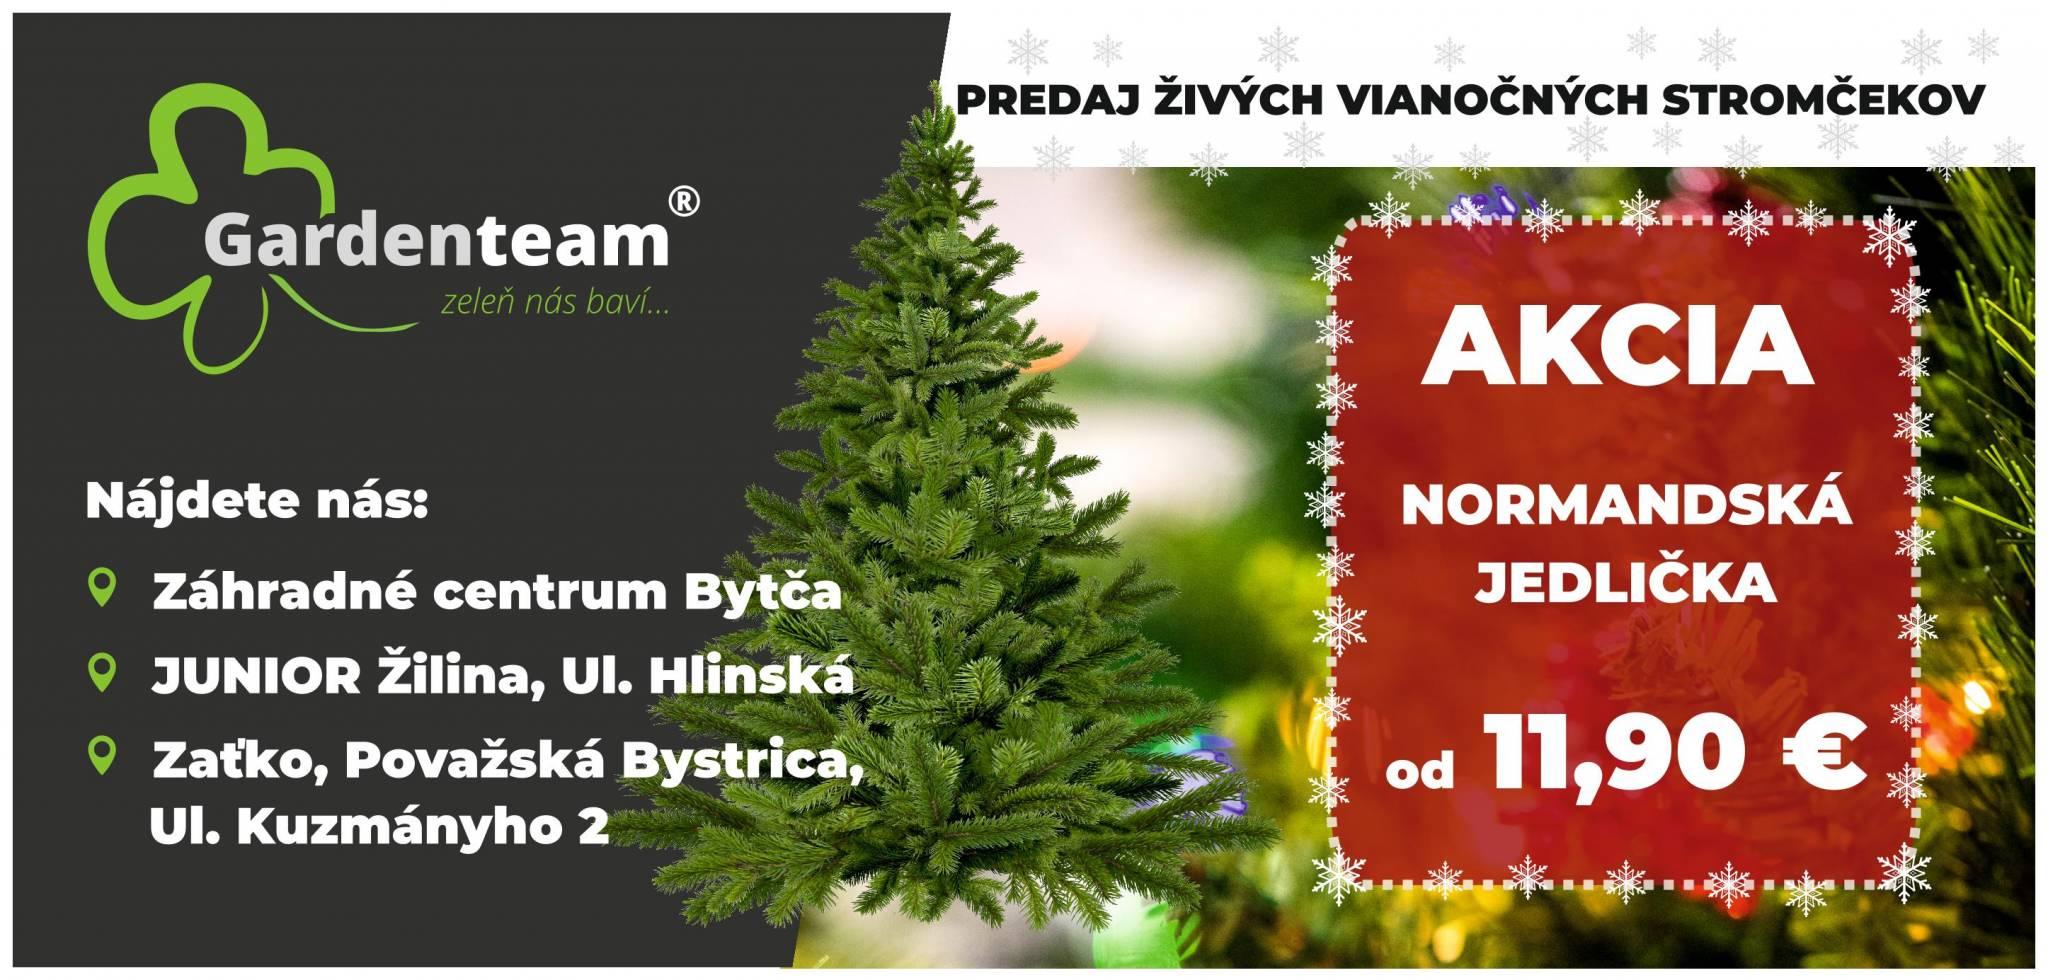 Vianočný stromček 2020 Normandská jedlička